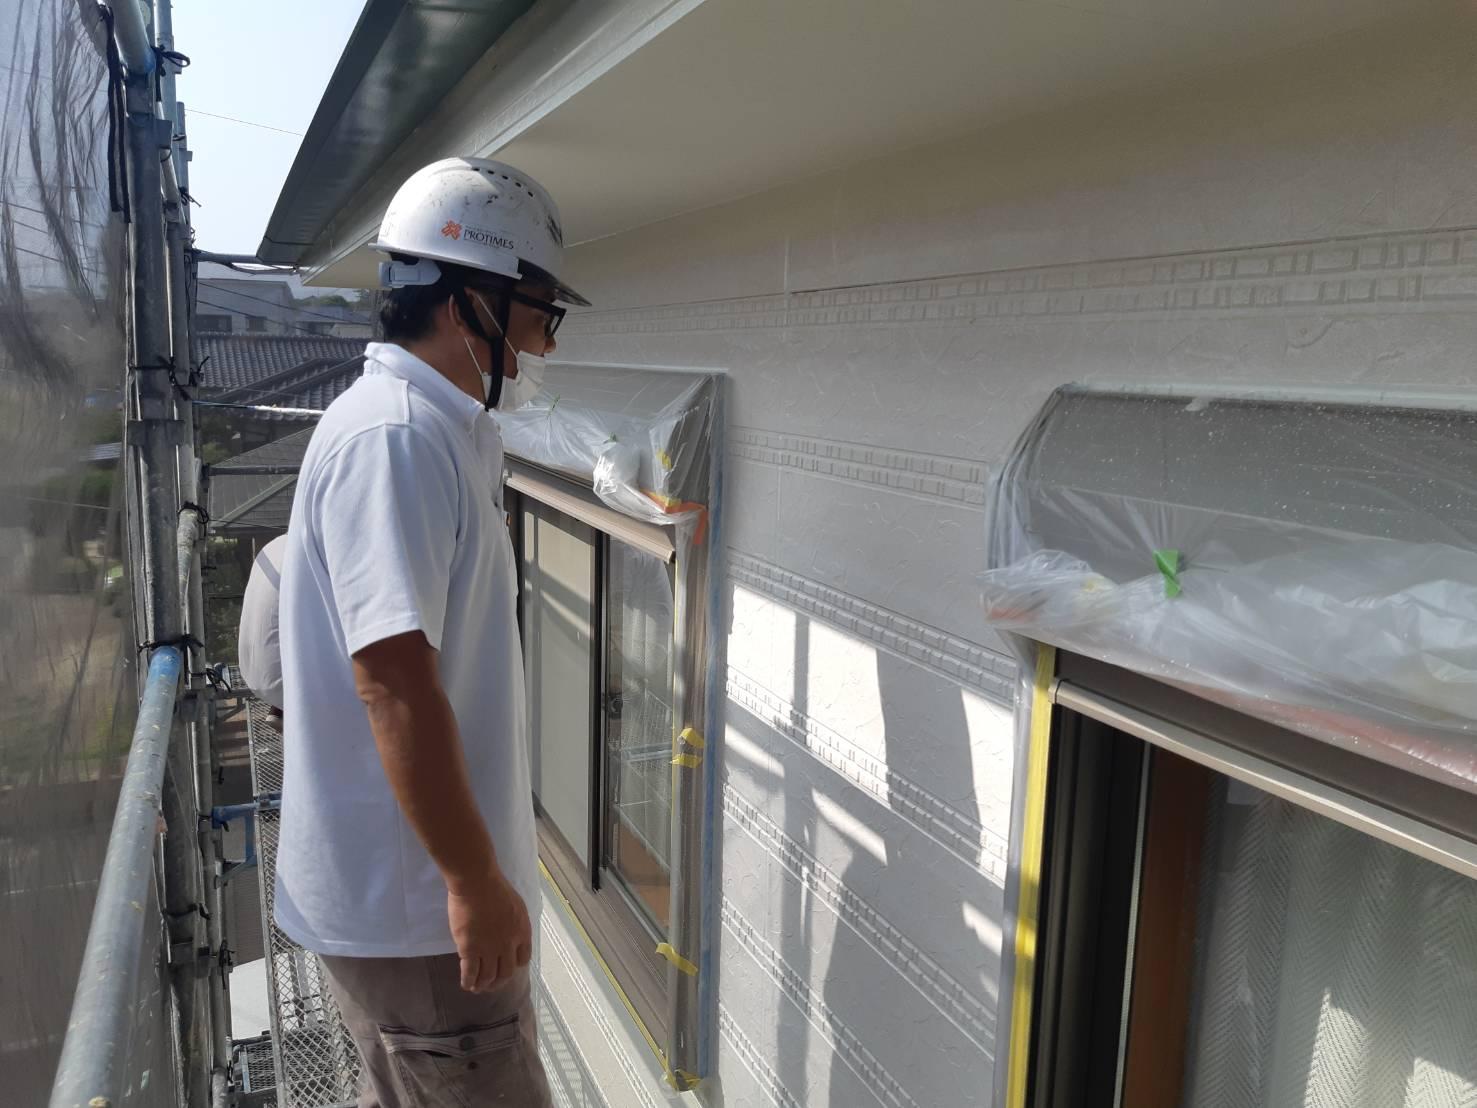 福津市福間南S様邸施工5日目中間検査外壁中塗り上塗りクリアー一回目作業